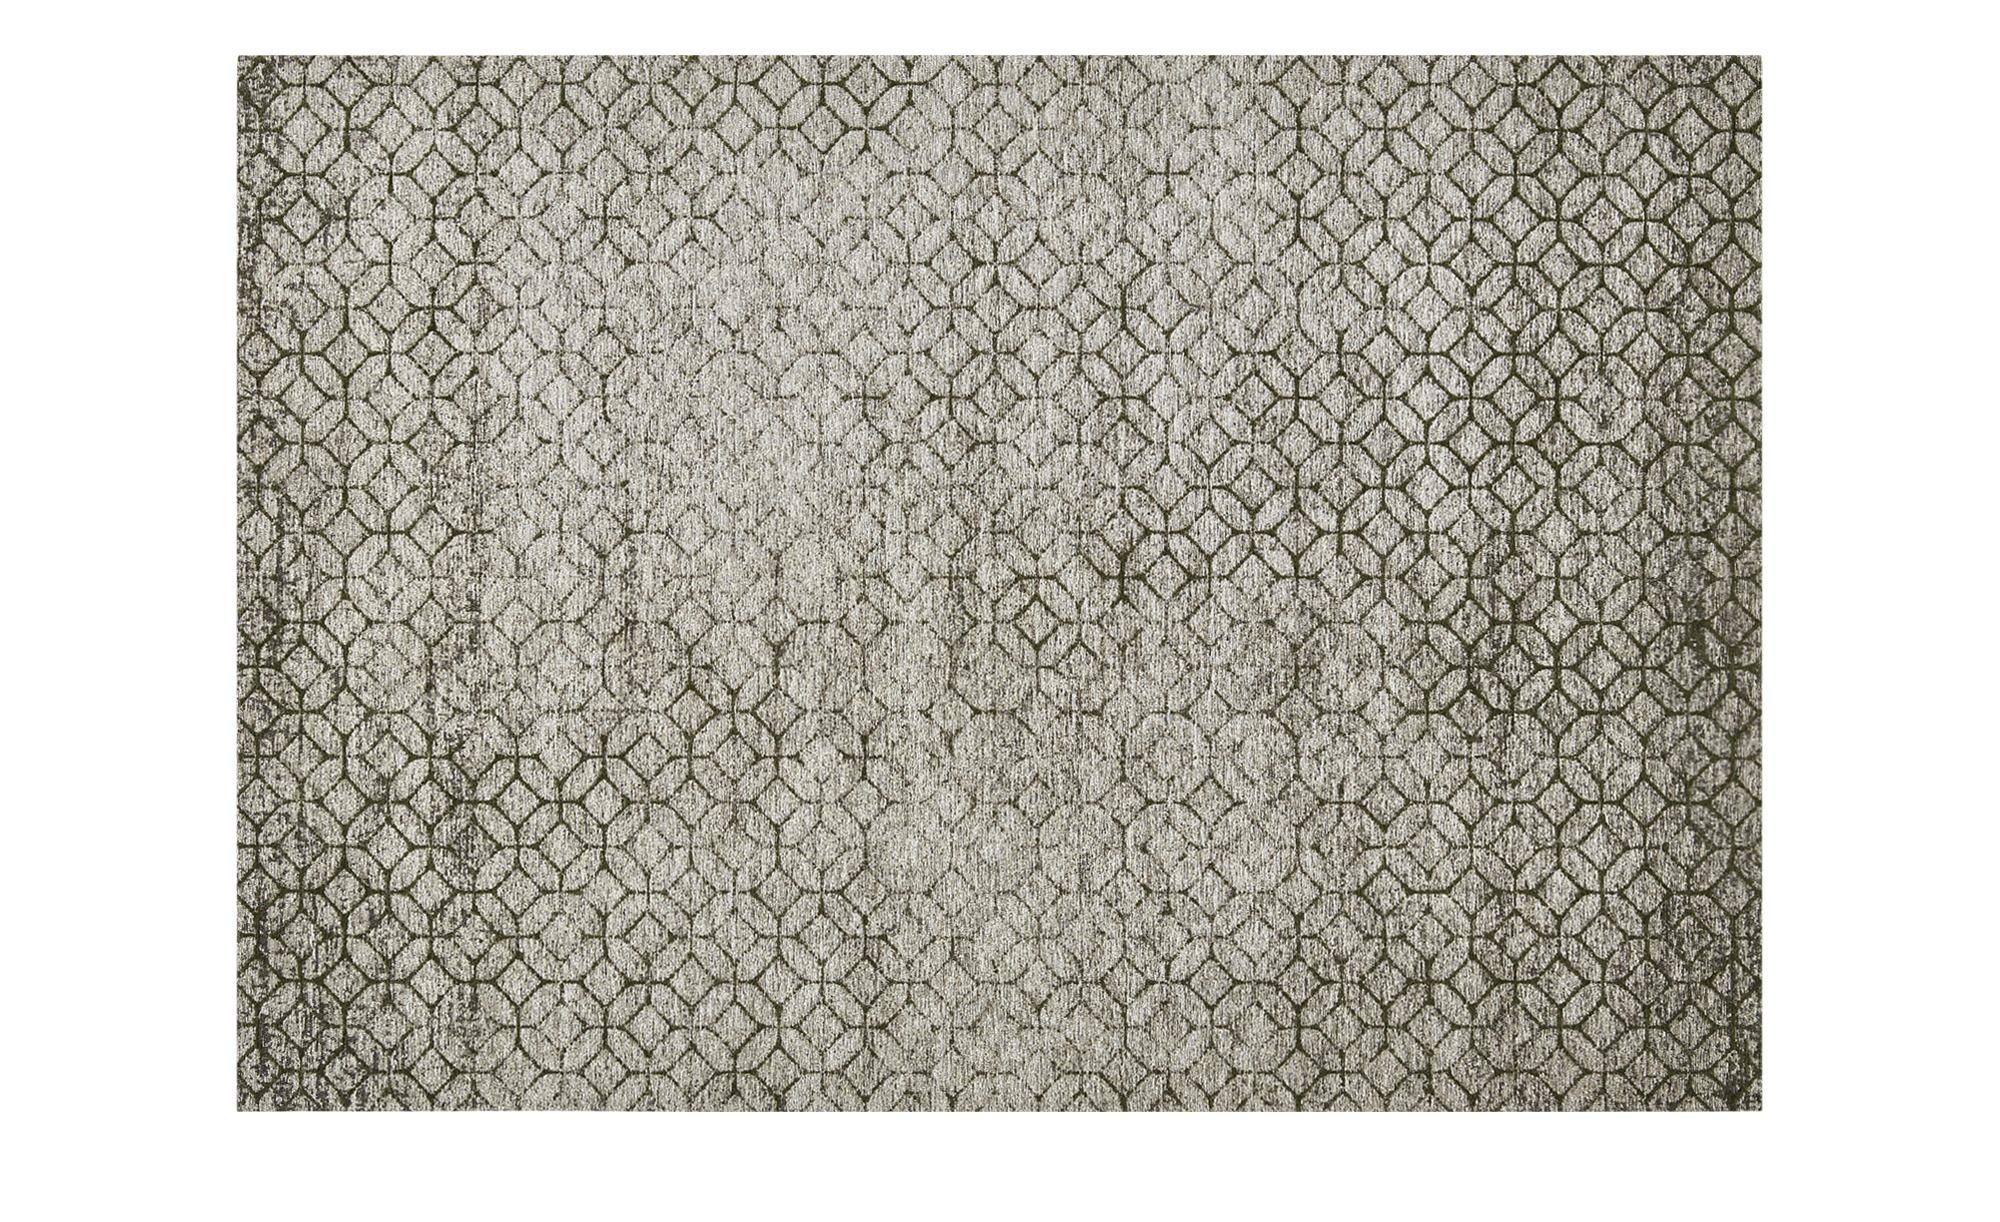 Webteppich  Harmonie 2000 ¦ grün ¦ 34% Baumwolle, 33% Polyethylen, 33% Chenille Acryl ¦ Maße (cm): B: 155 Teppiche > Wohnteppiche - Höffner